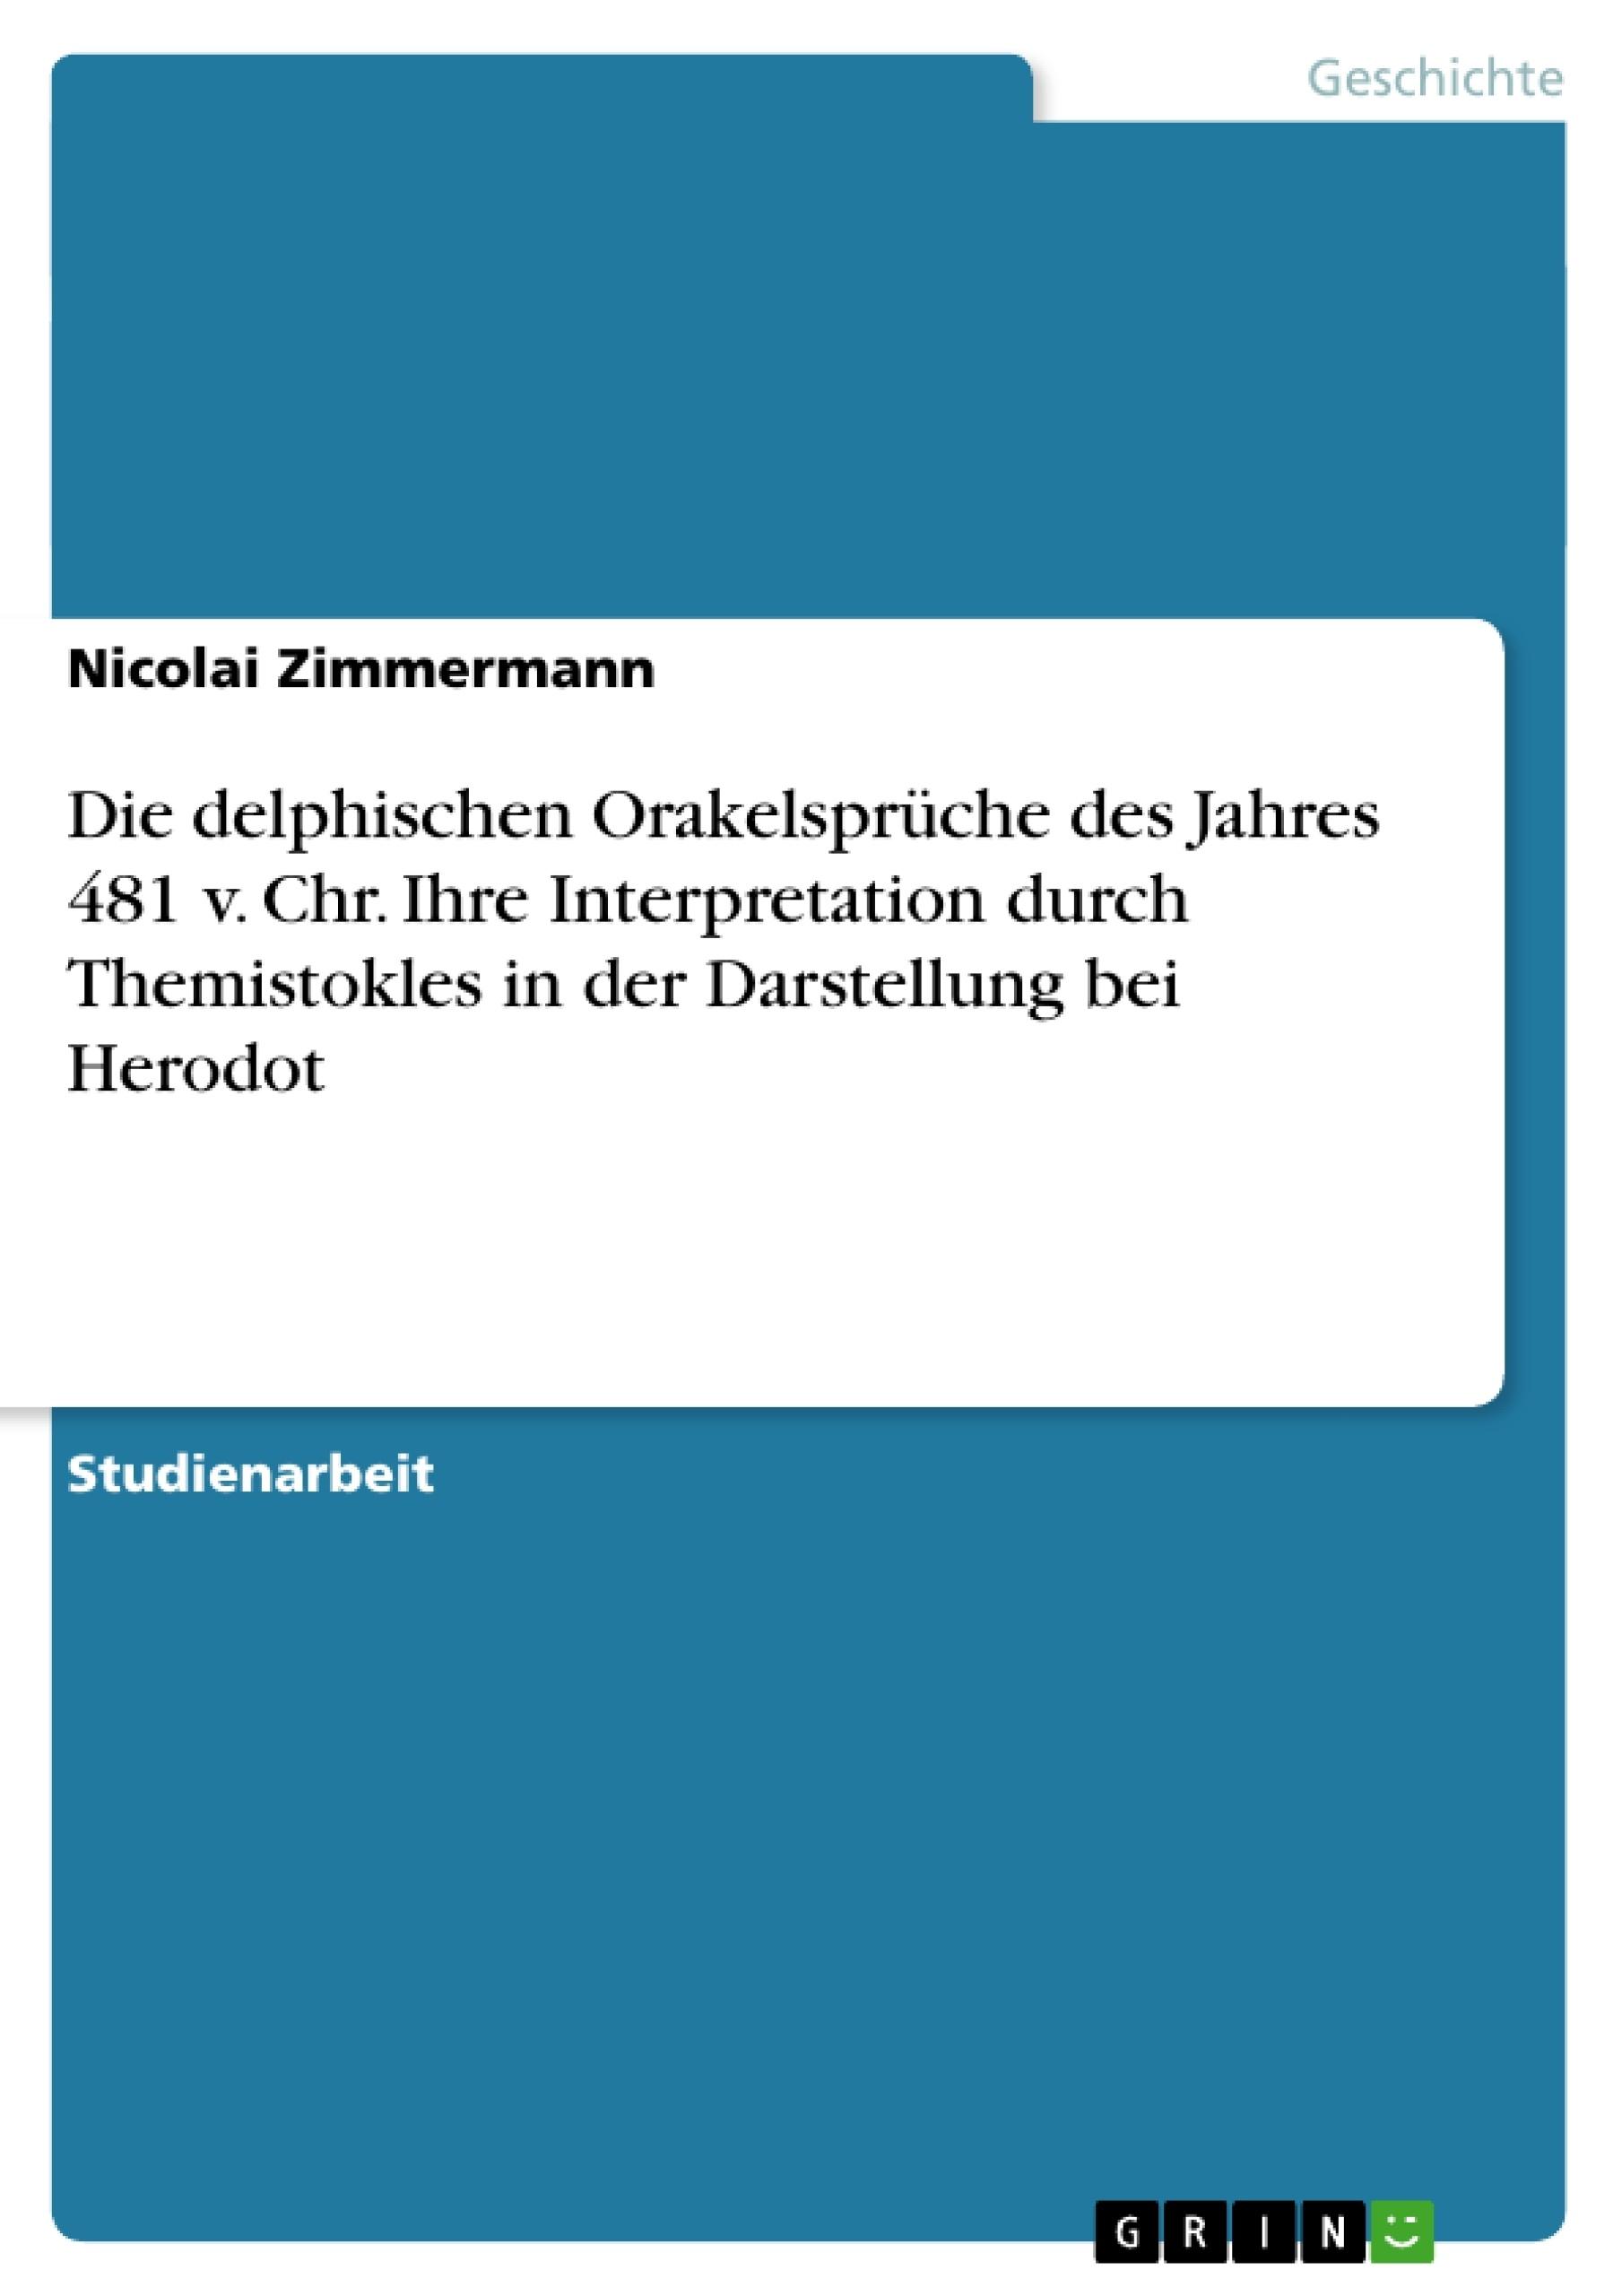 Titel: Die delphischen Orakelsprüche des Jahres 481 v. Chr. Ihre Interpretation durch Themistokles in der Darstellung bei Herodot